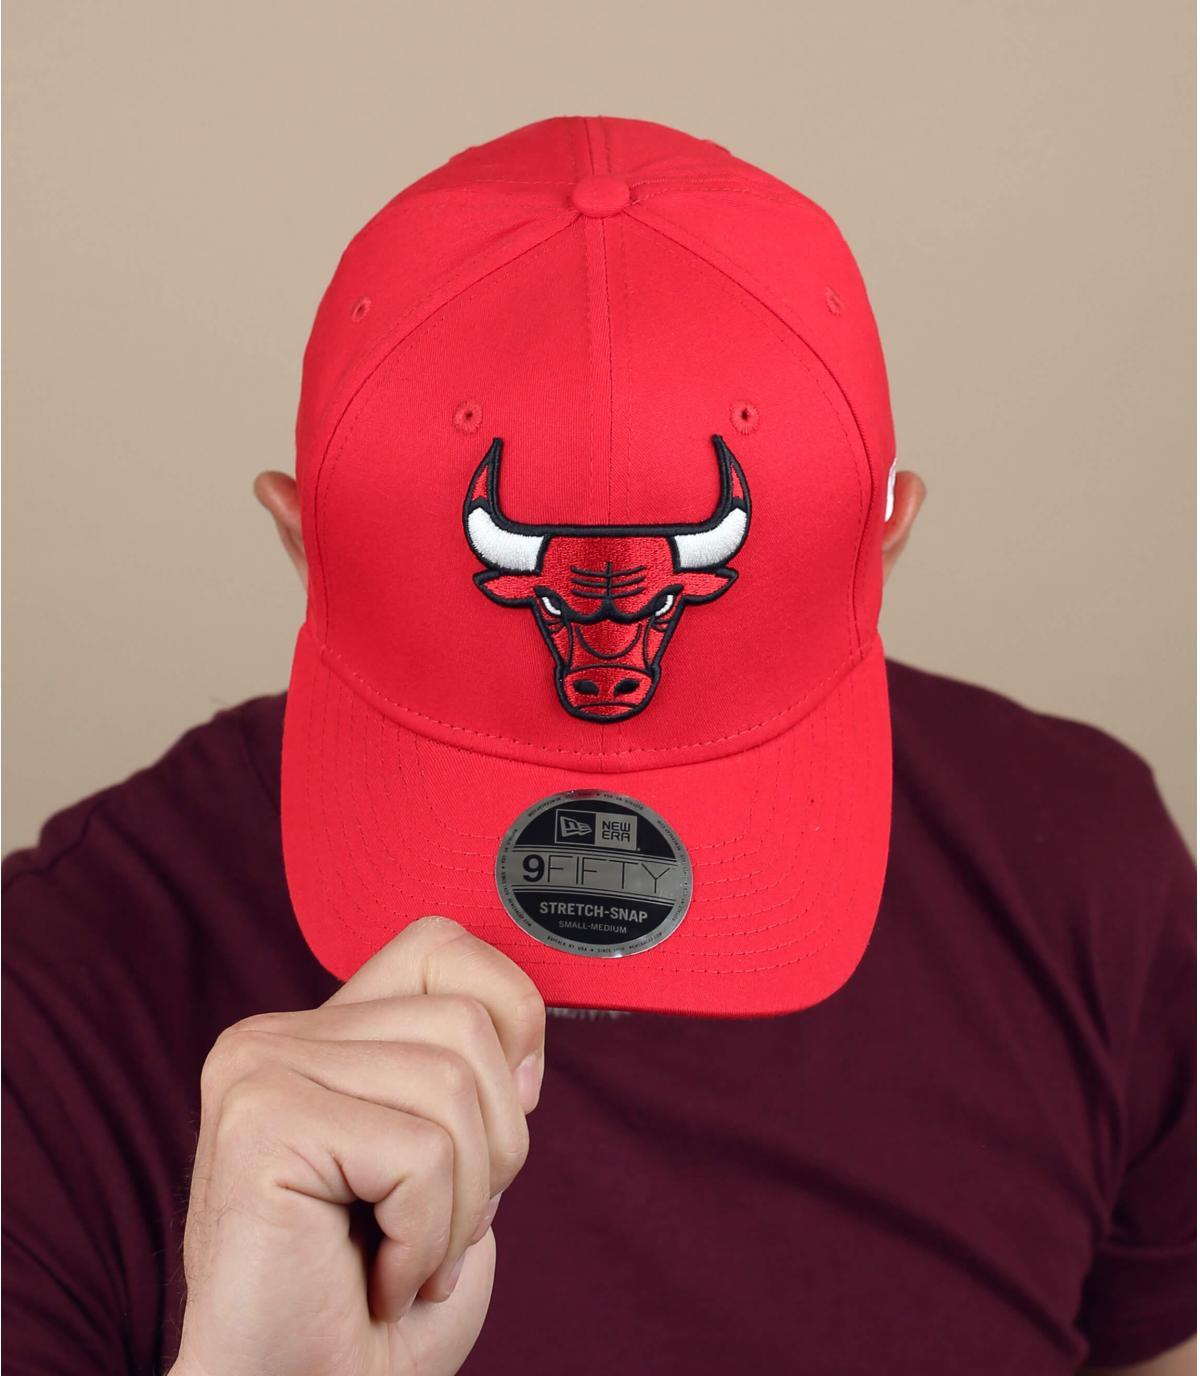 Red Bulls-pet